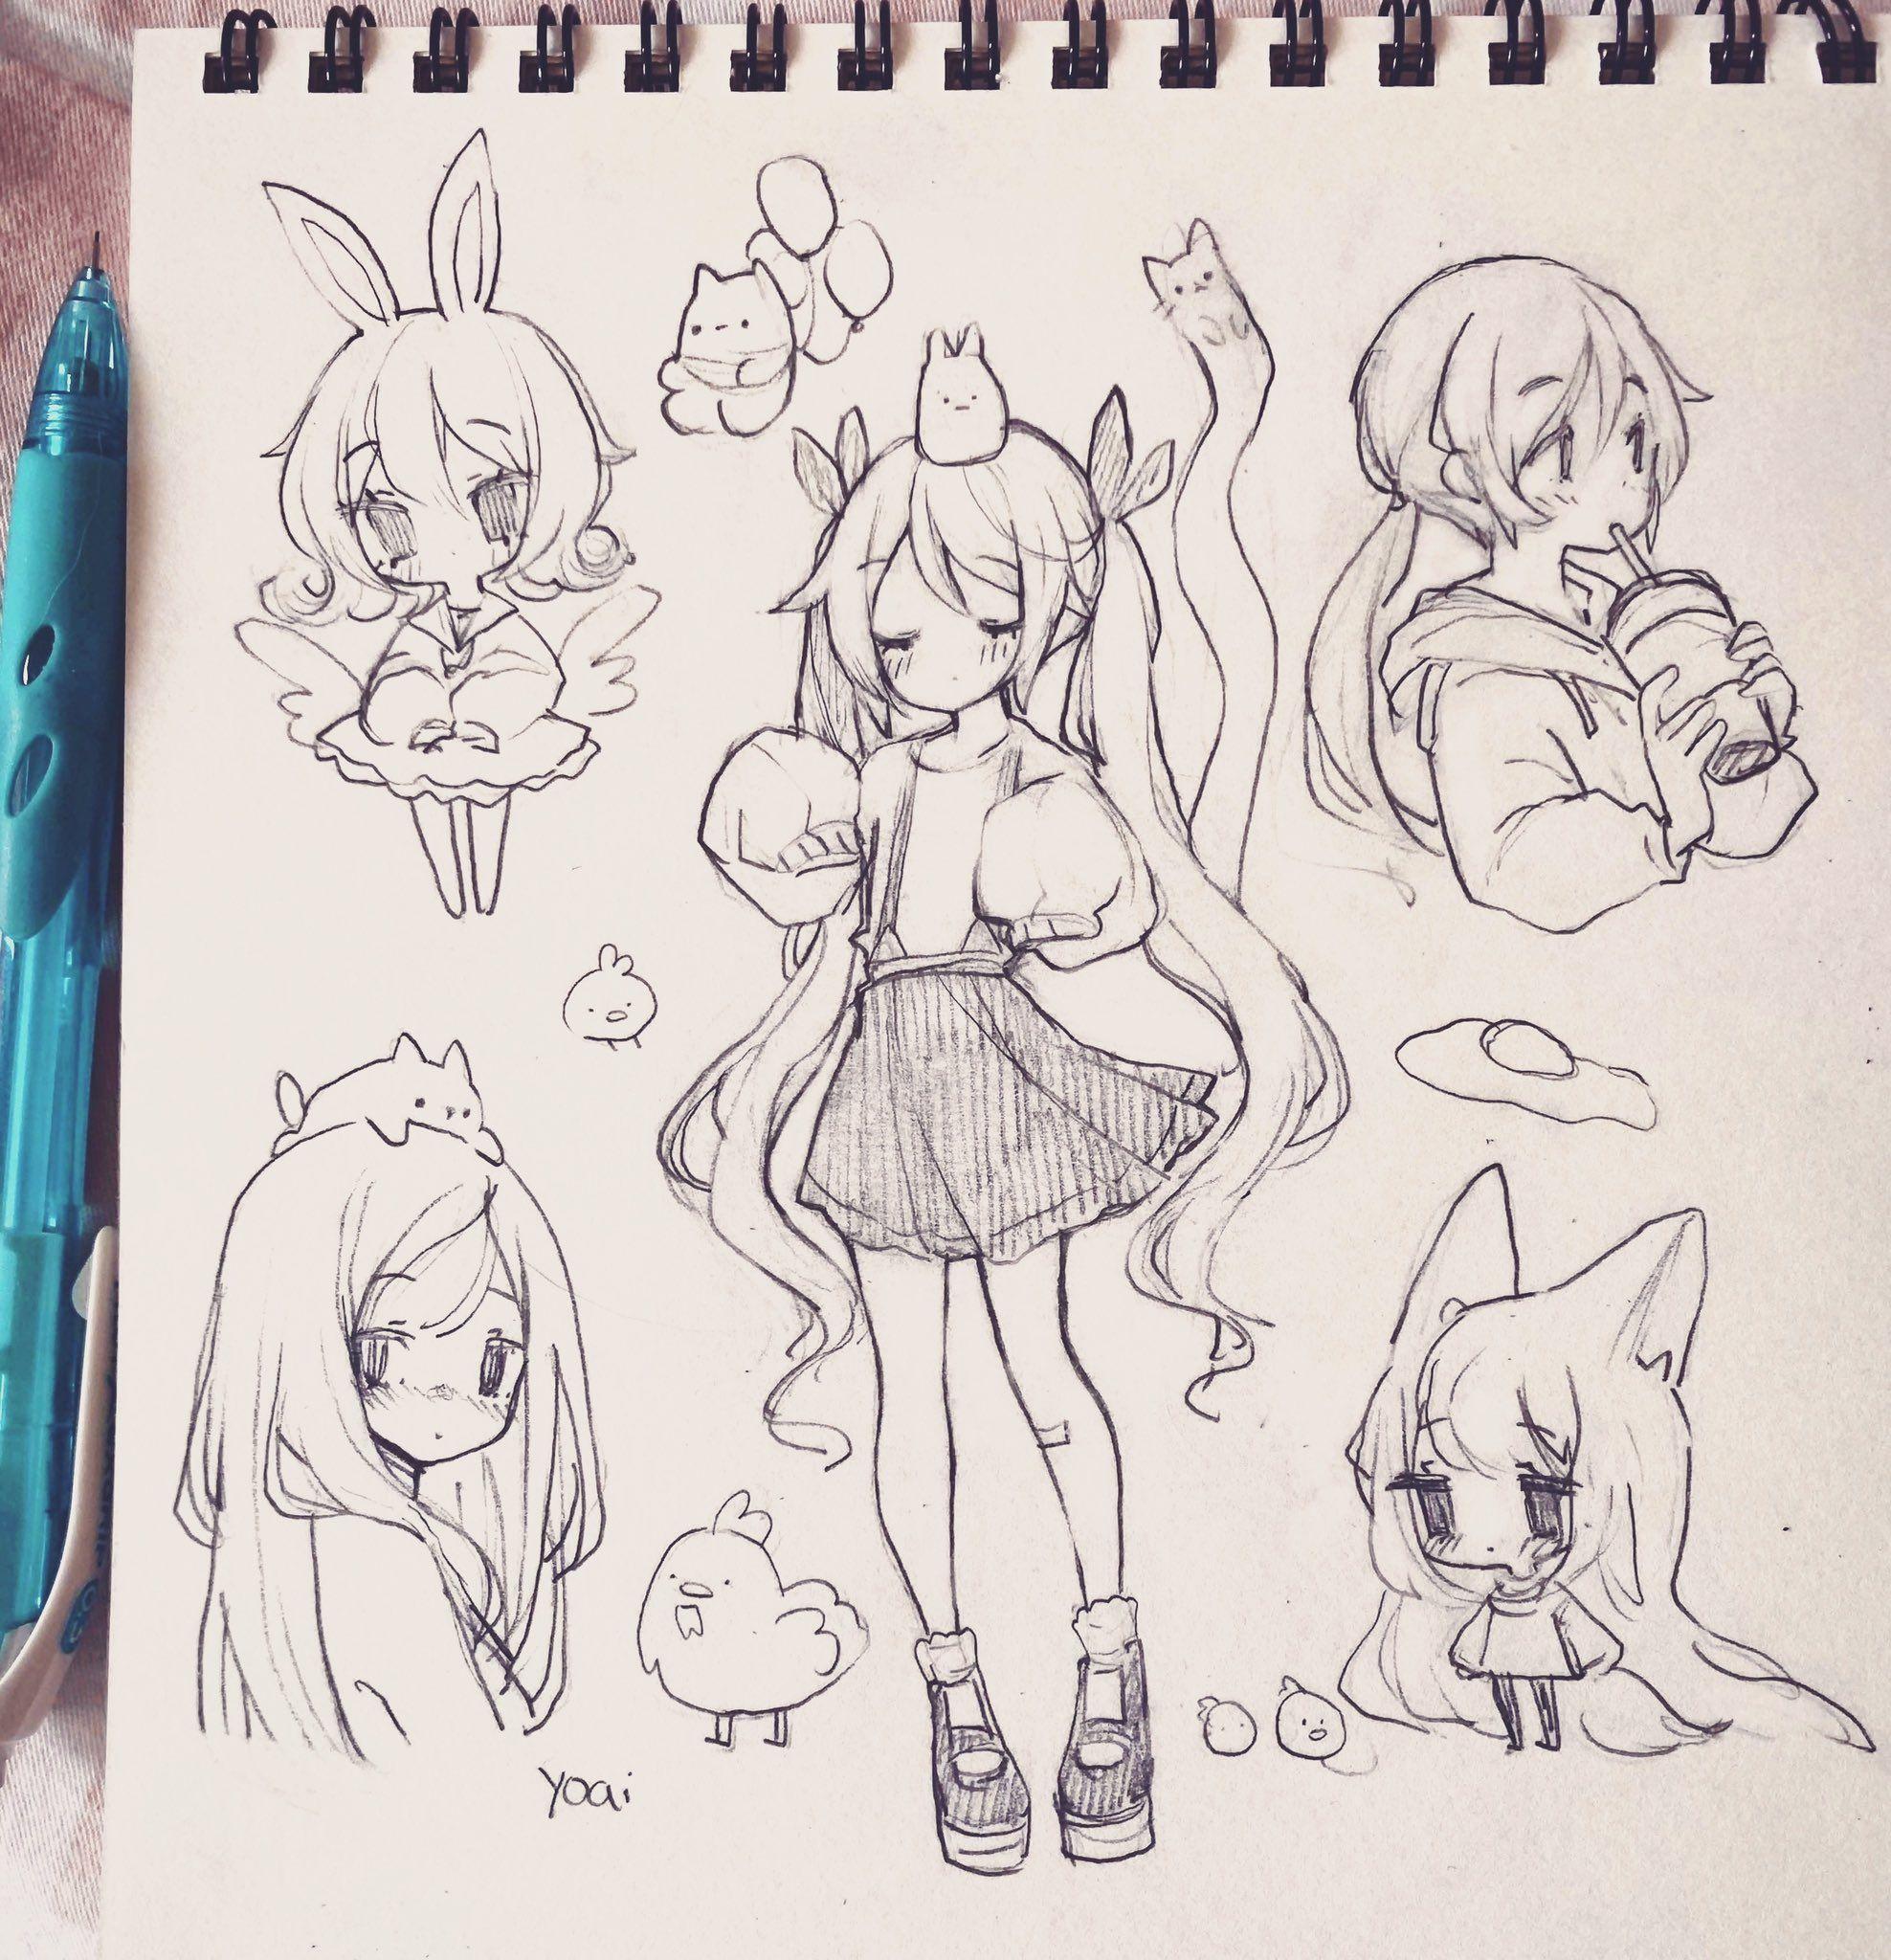 Photo of Yoai ✨ಠωಠ✨ on Twitter